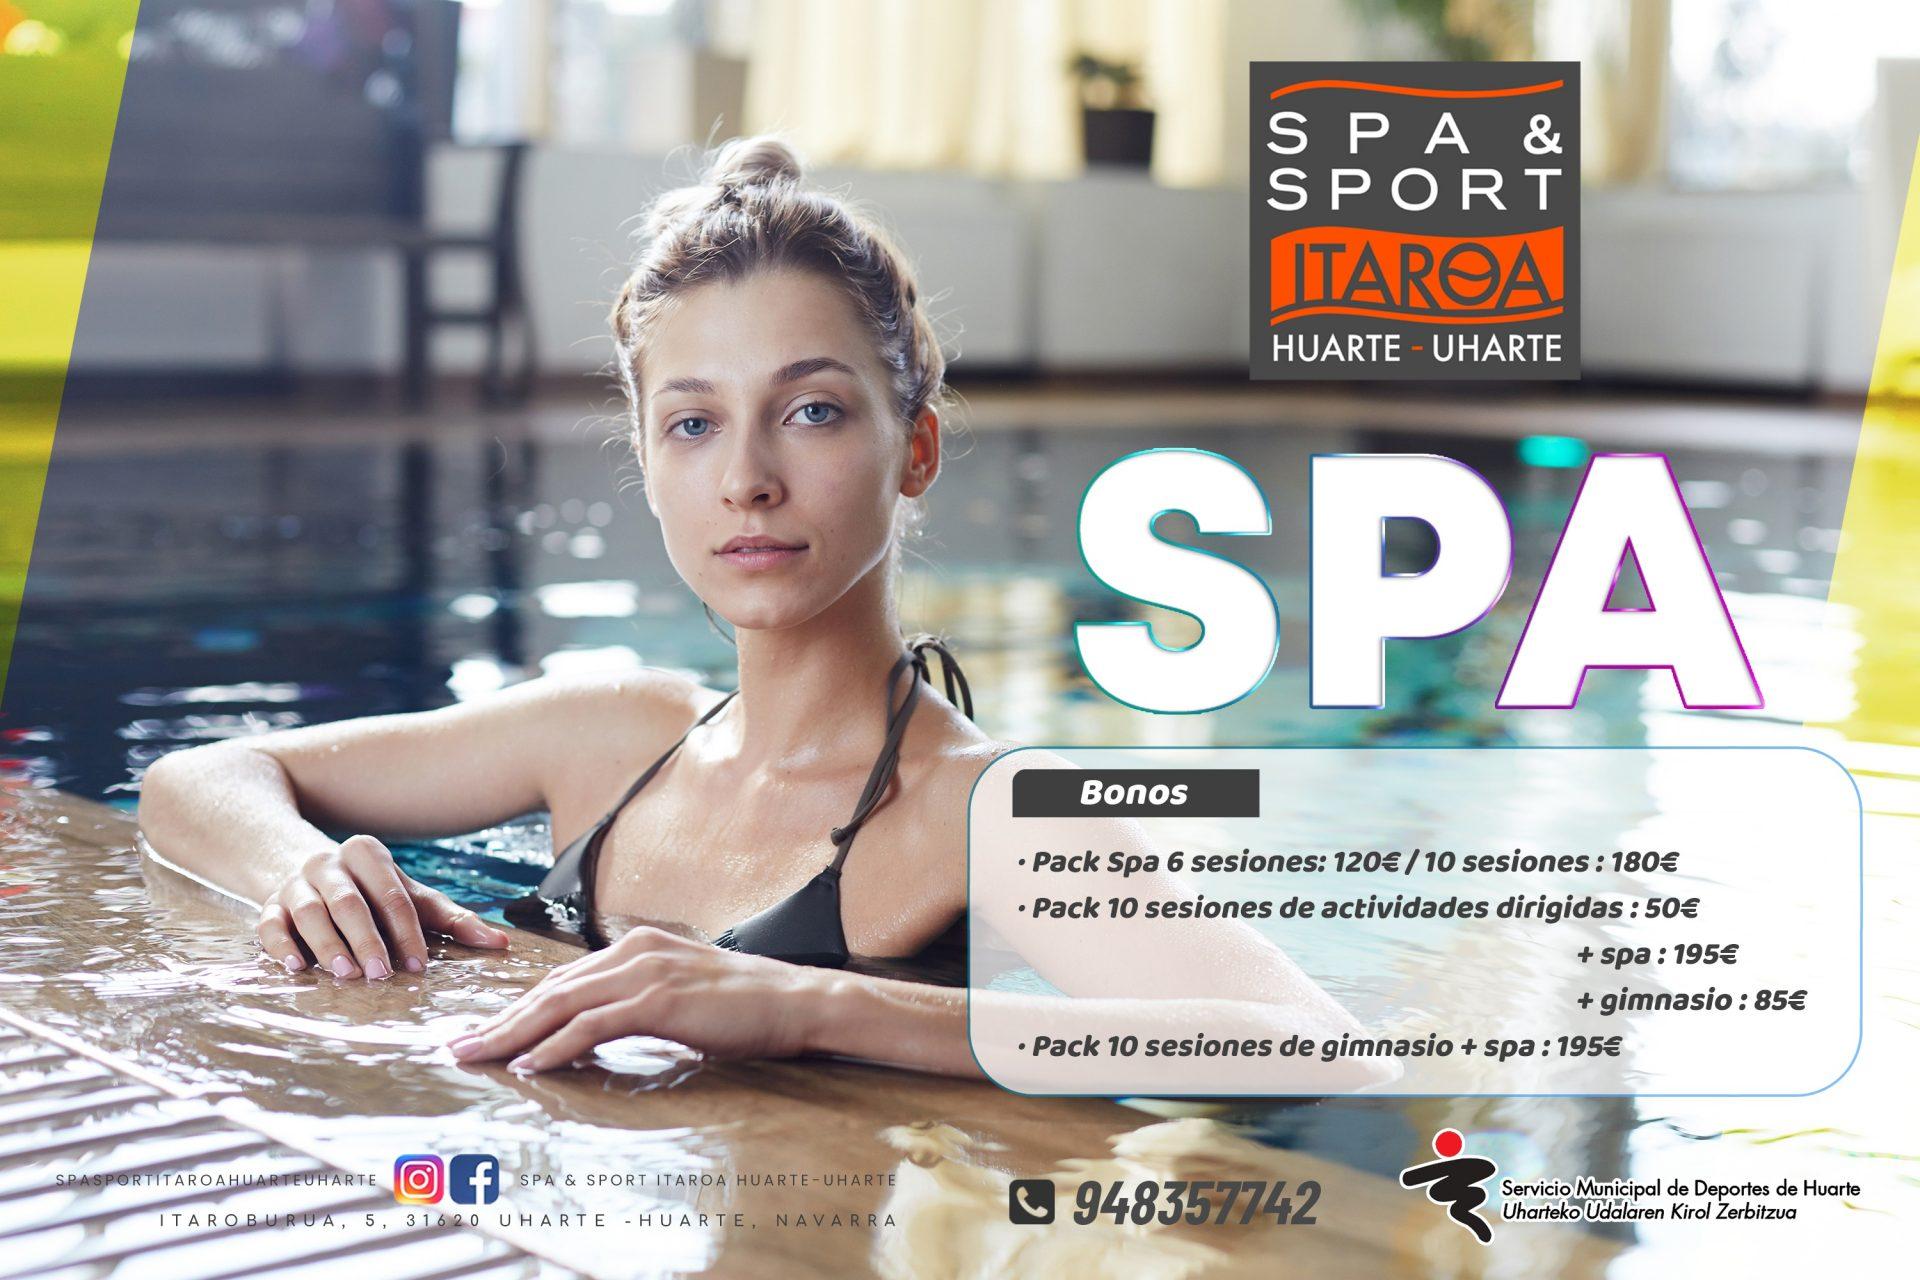 Spa&sport Itaroa Huarte spa promoción 2